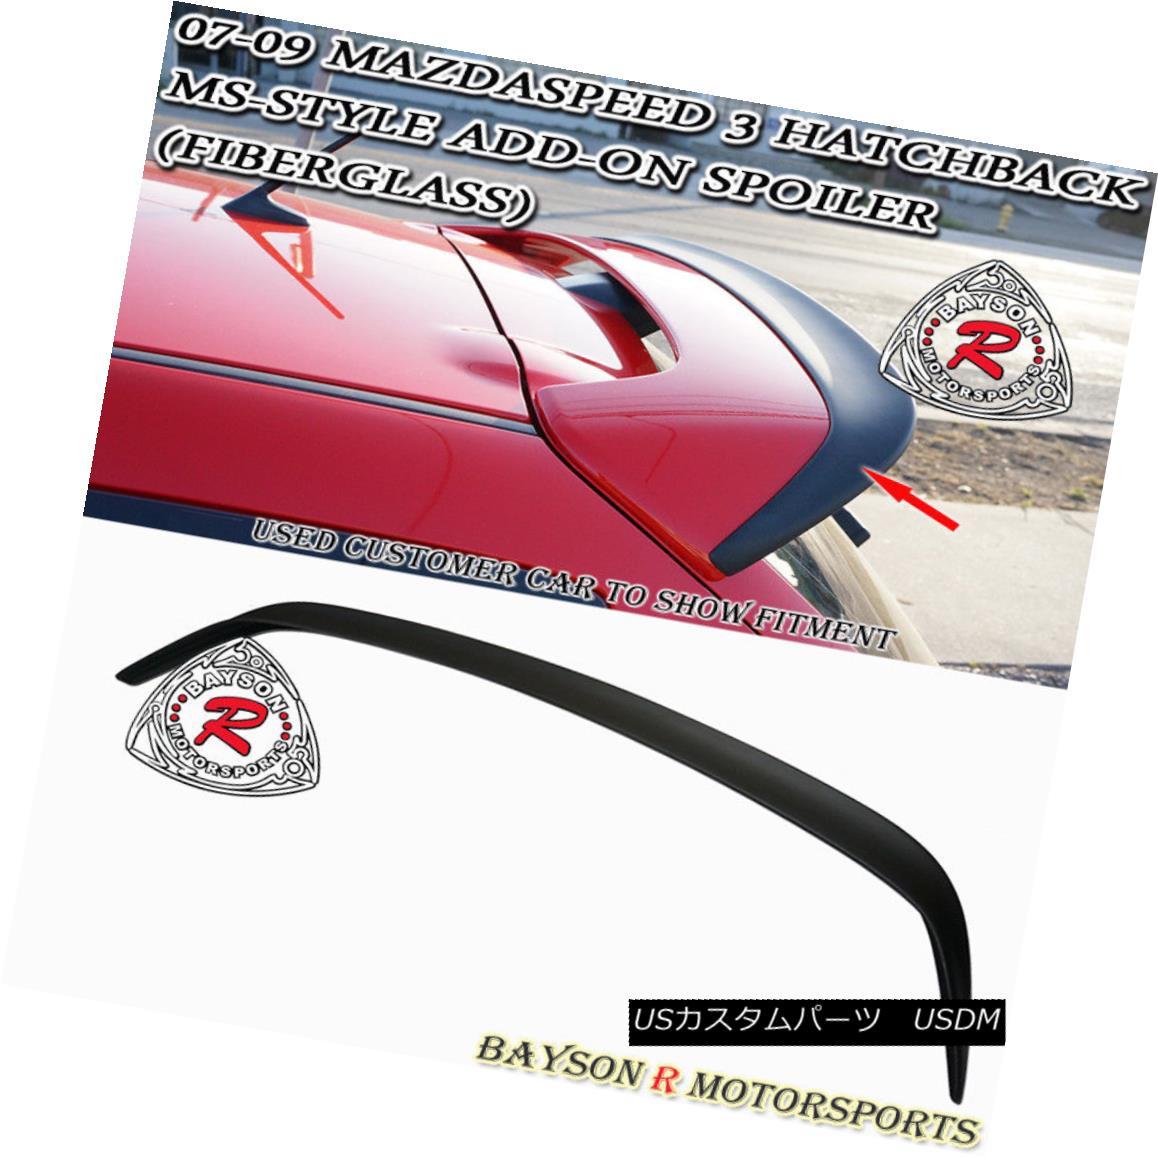 エアロパーツ MS-Style Add-on Roof Spoiler Wing (Fiberglass) Fits 07-09 MazdaSpeed 3 5dr MS-Styleアドオンルーフスポイラーウイング(ガラス繊維)07-09 MazdaSpeed 3 5dr